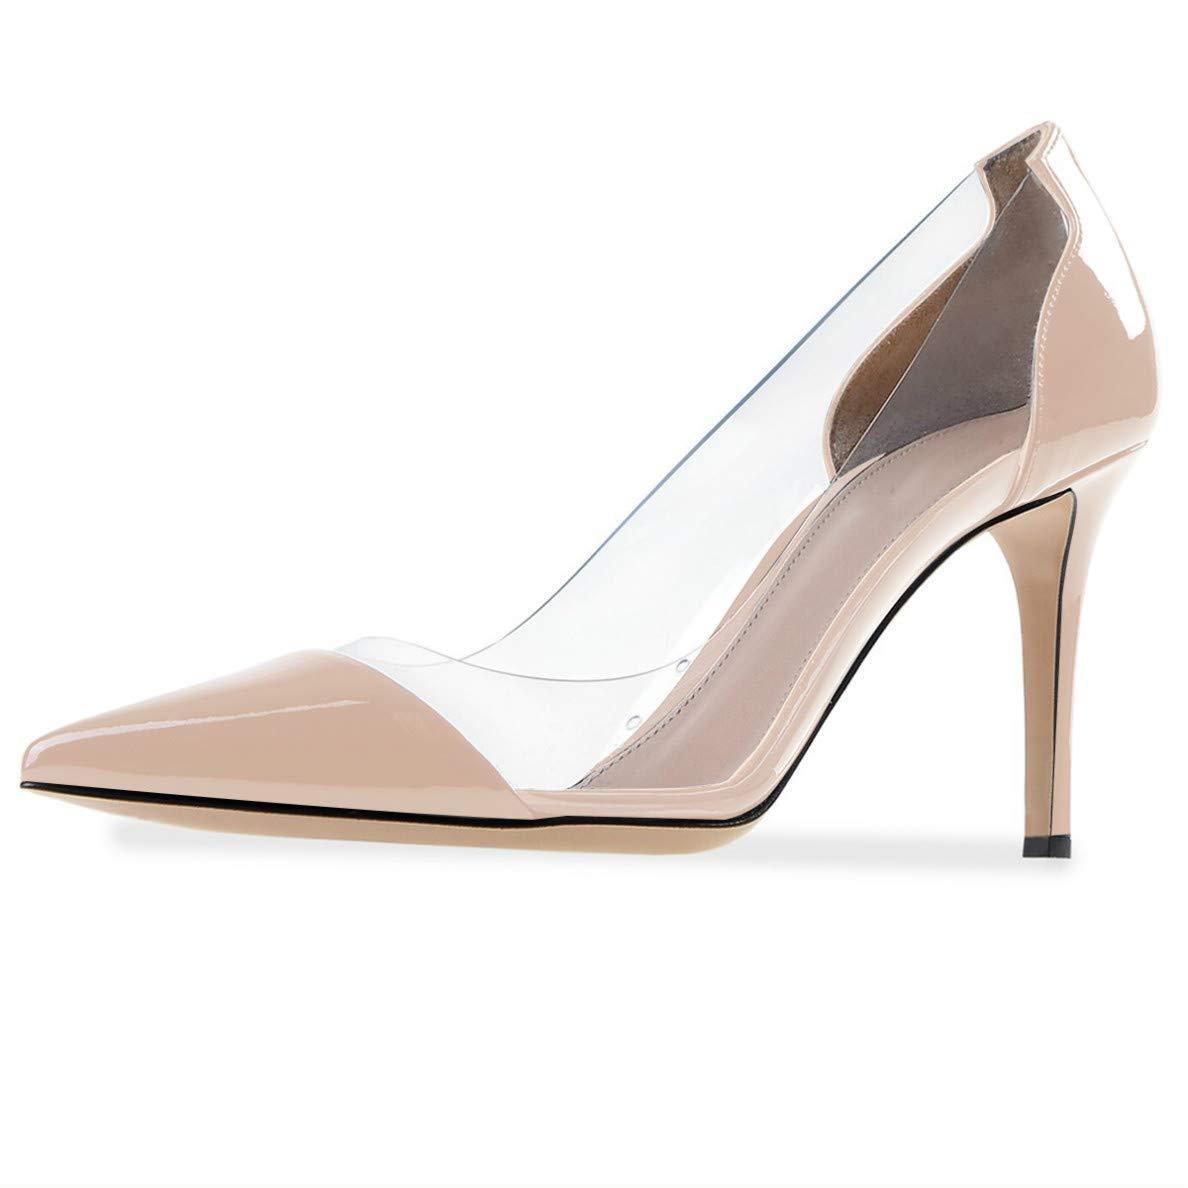 2b5a6692f4 Amazon.com | YODEKS Women's Cap Toe Pumps 85mm High Heel Transparent Shoes  Stiletto Dress Pumps | Pumps